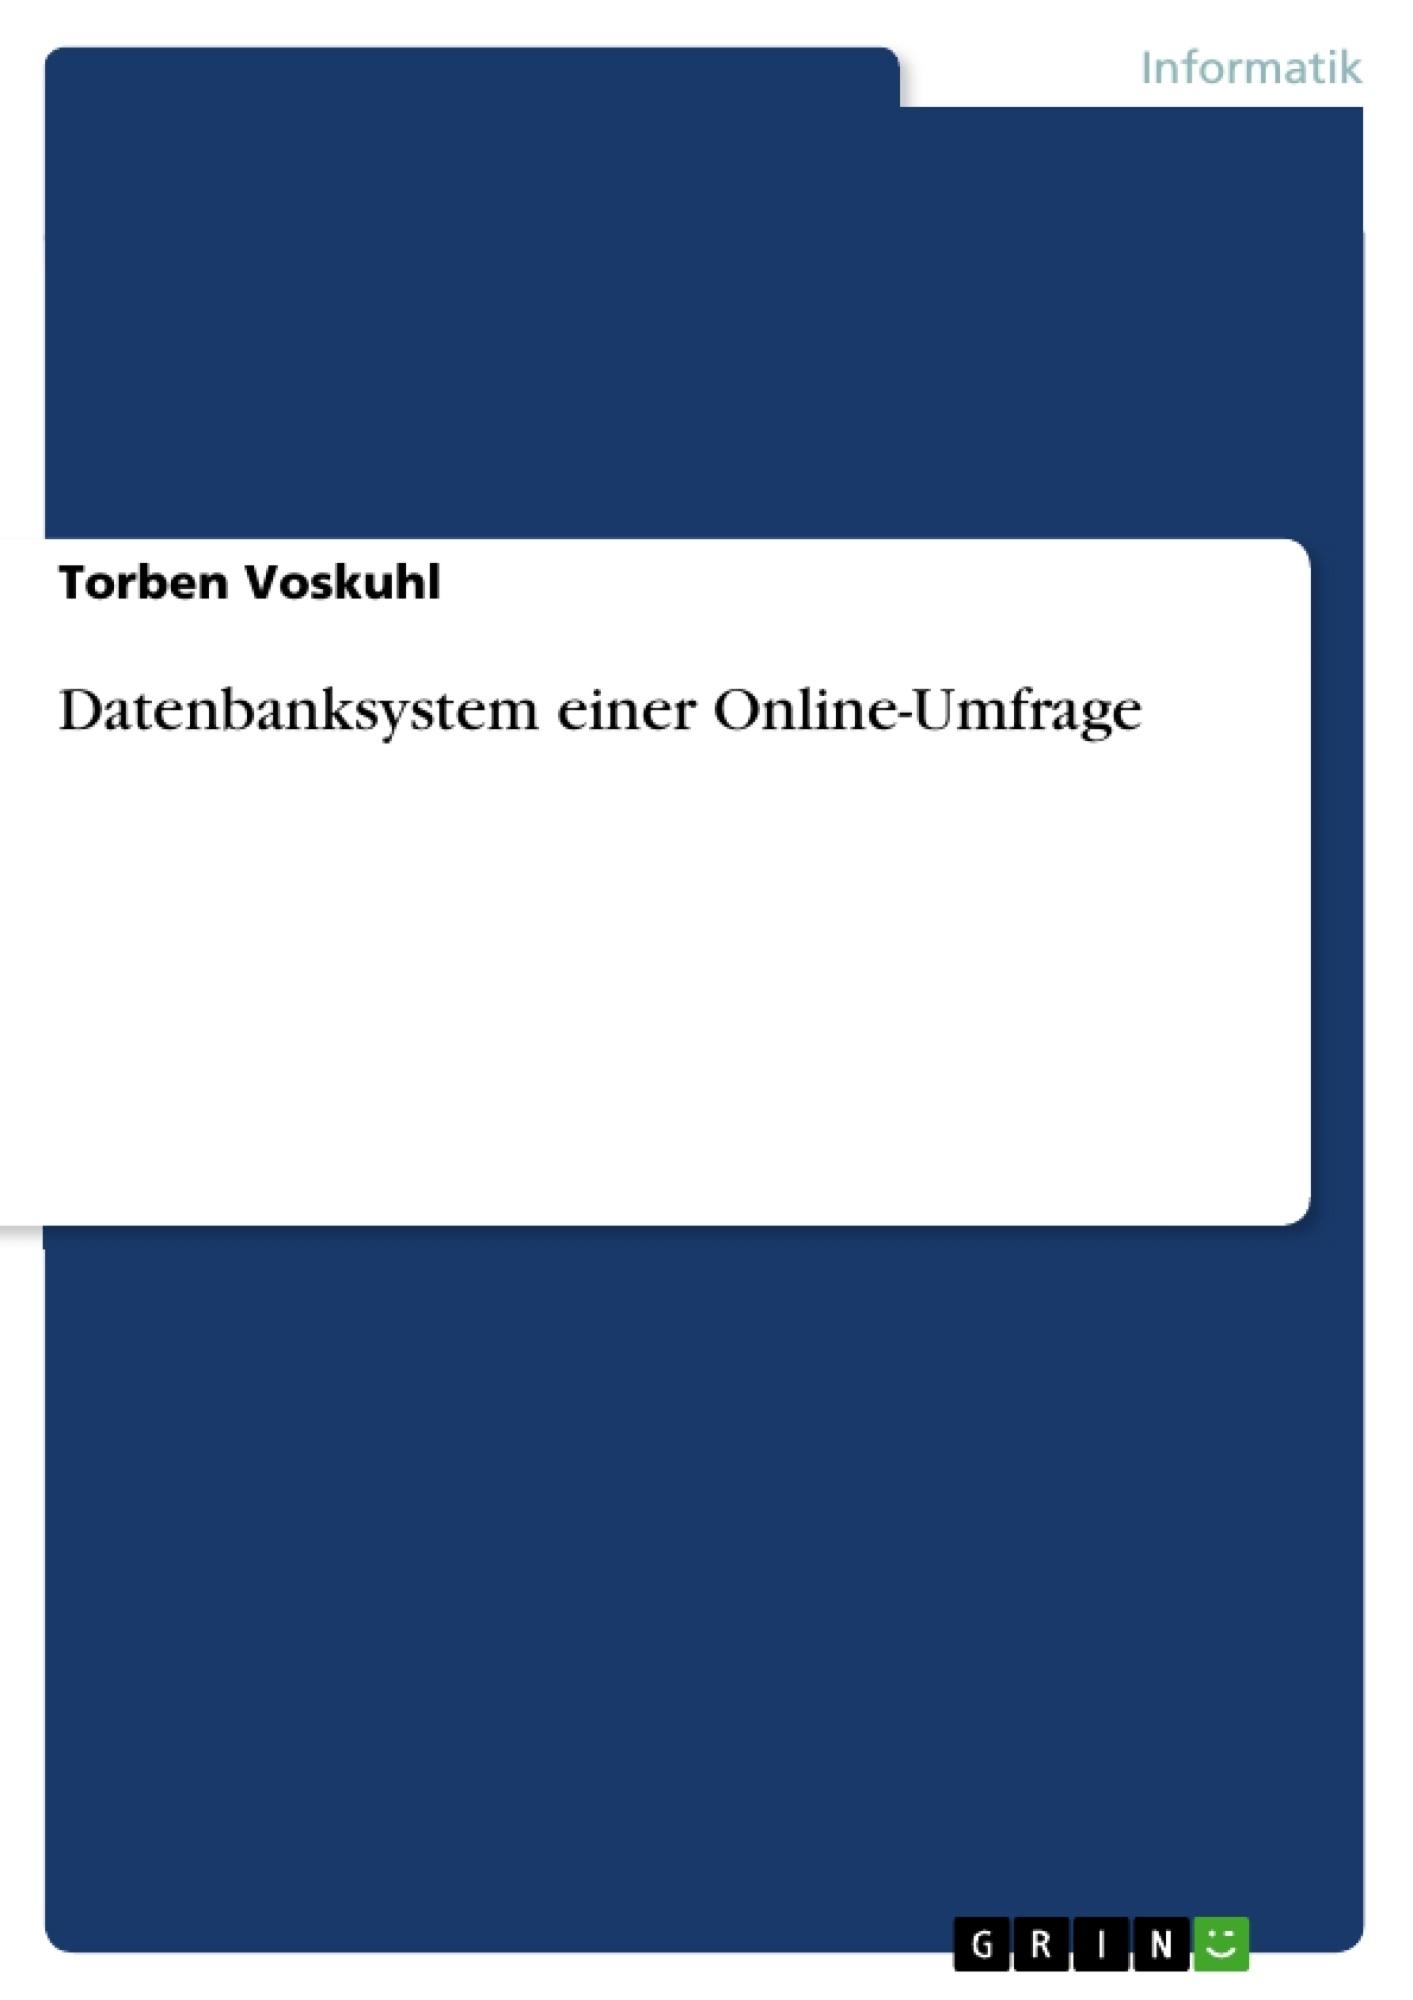 Titel: Datenbanksystem einer Online-Umfrage